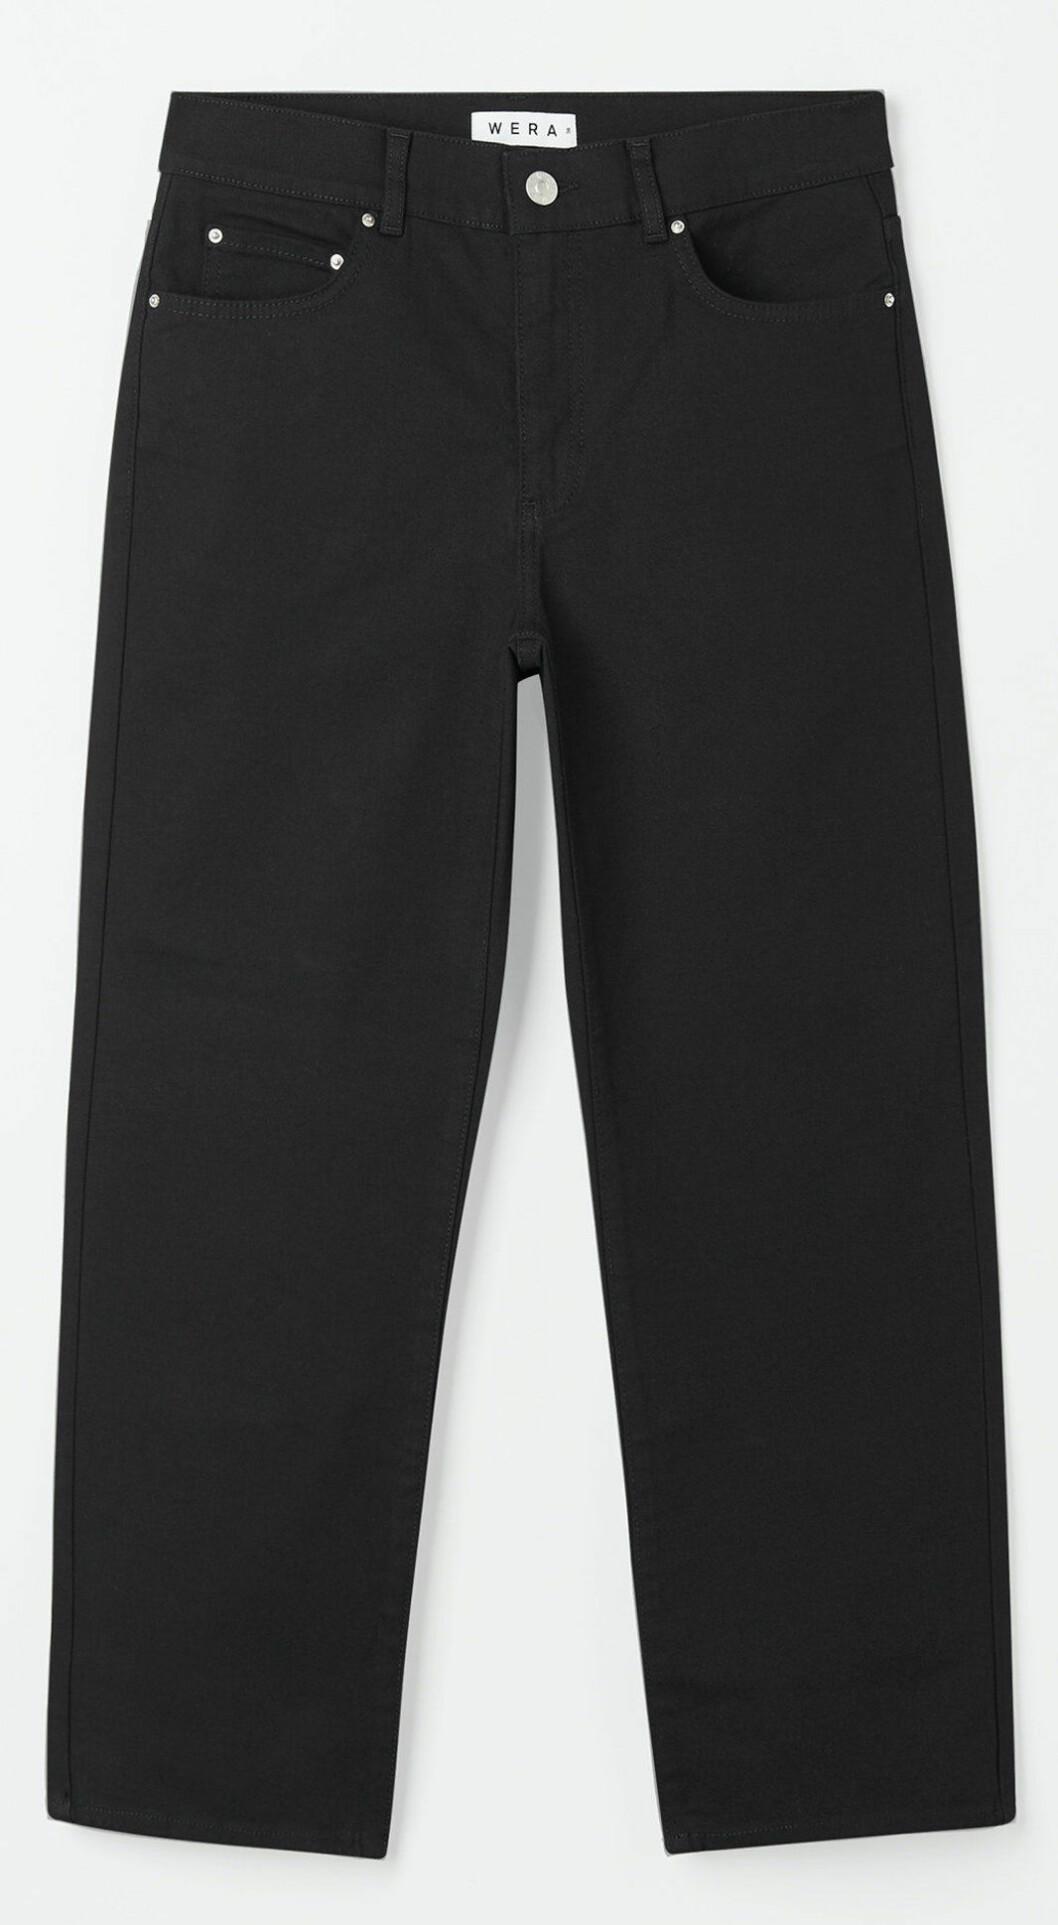 Svarta jeans i rak modell från Wera